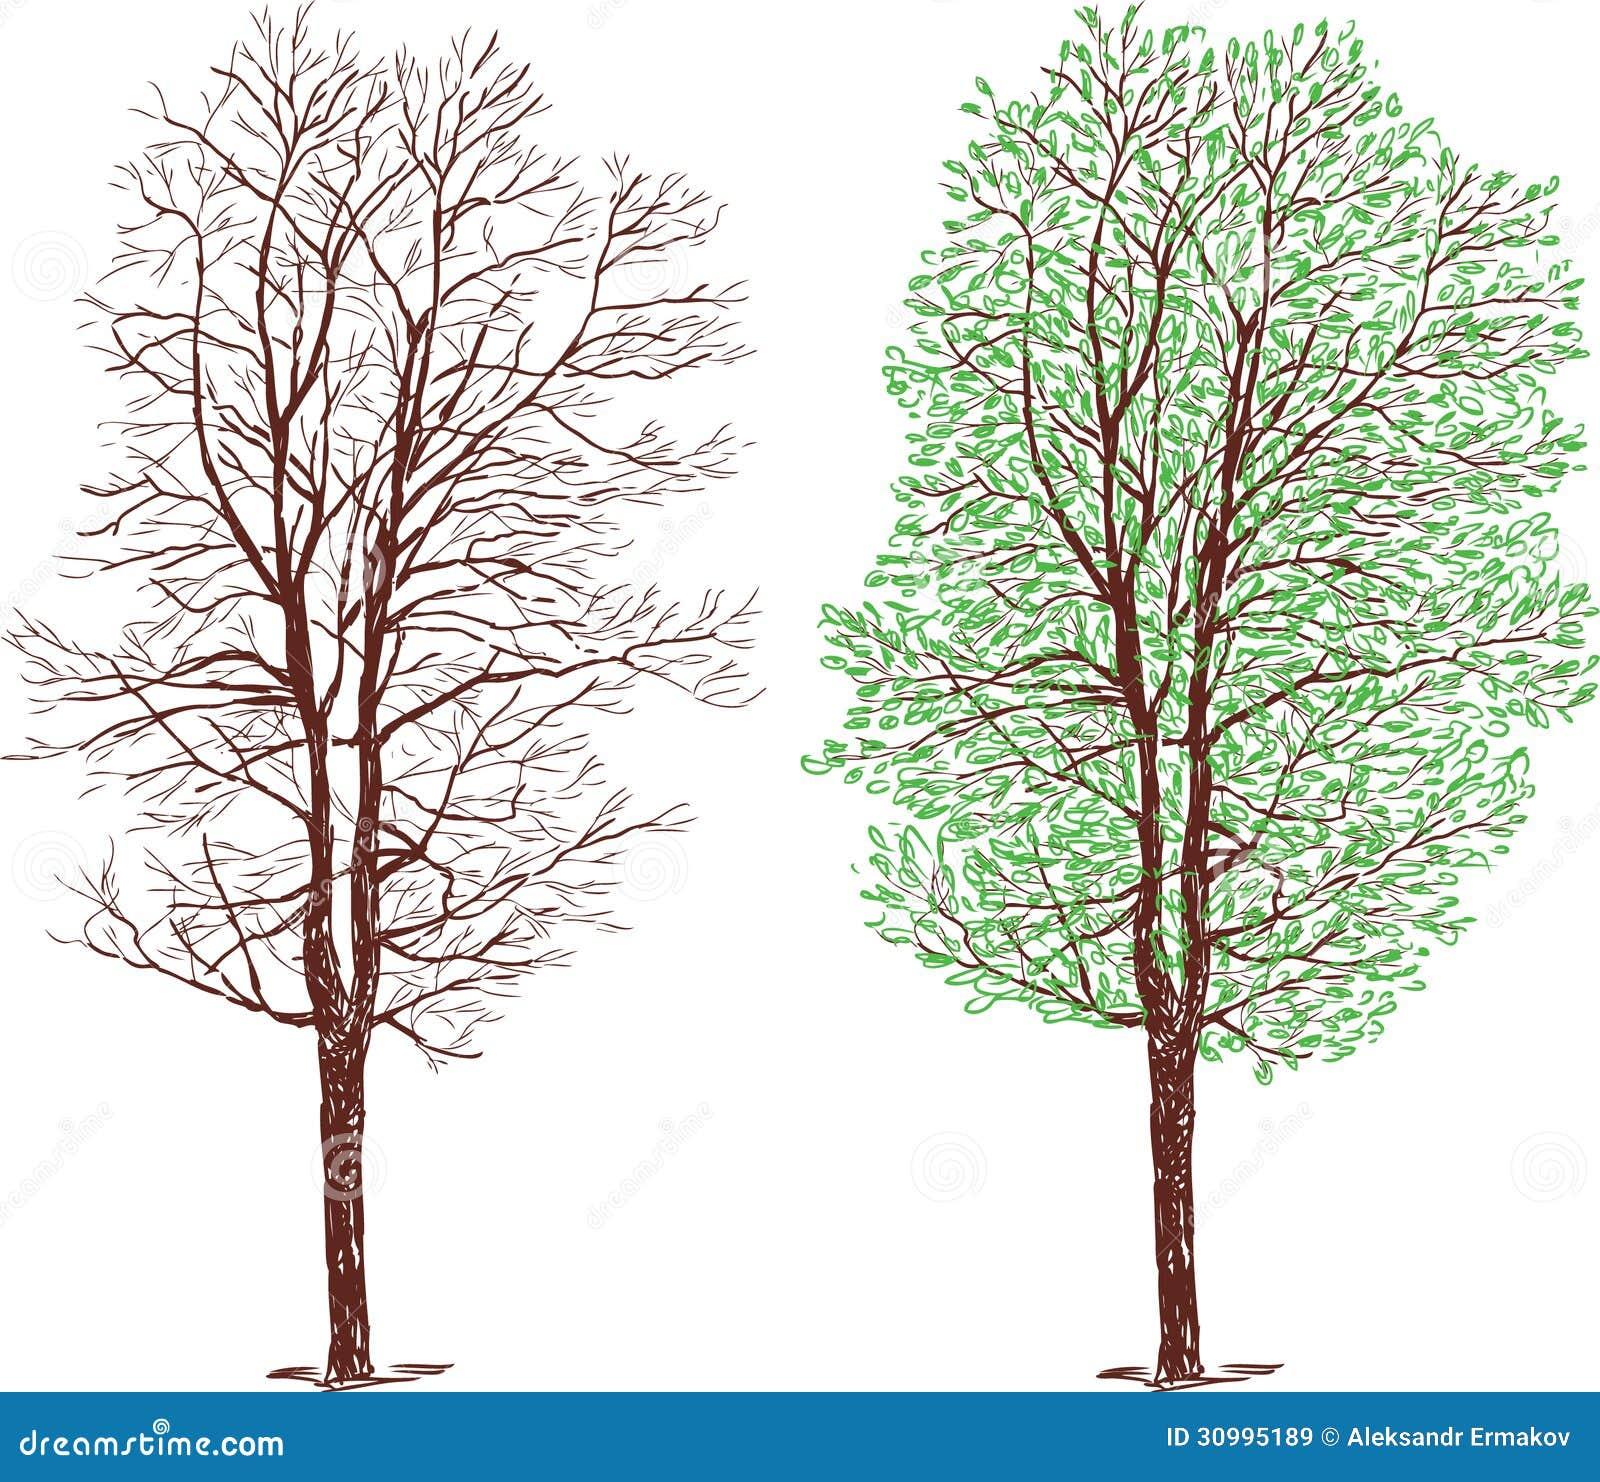 Rbol en invierno y verano for Arboles en invierno